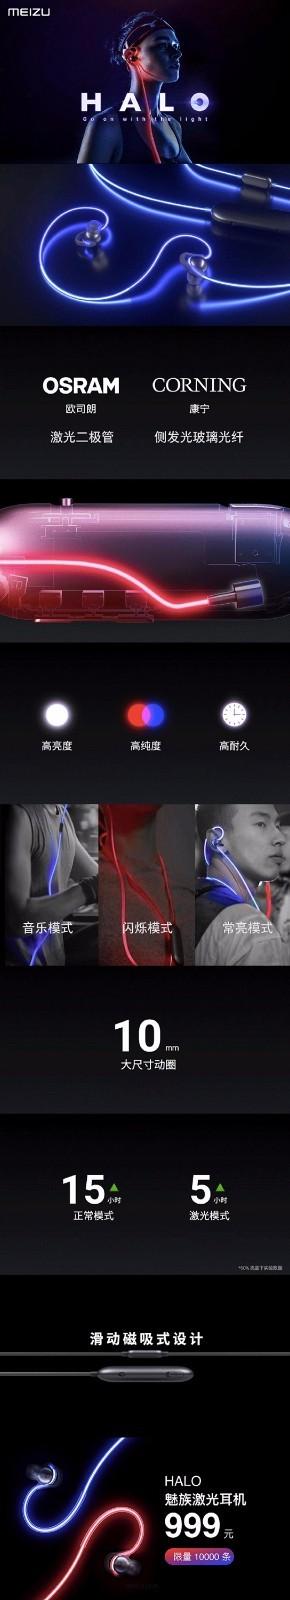 魅族HALO激光耳机发布:限量10000条